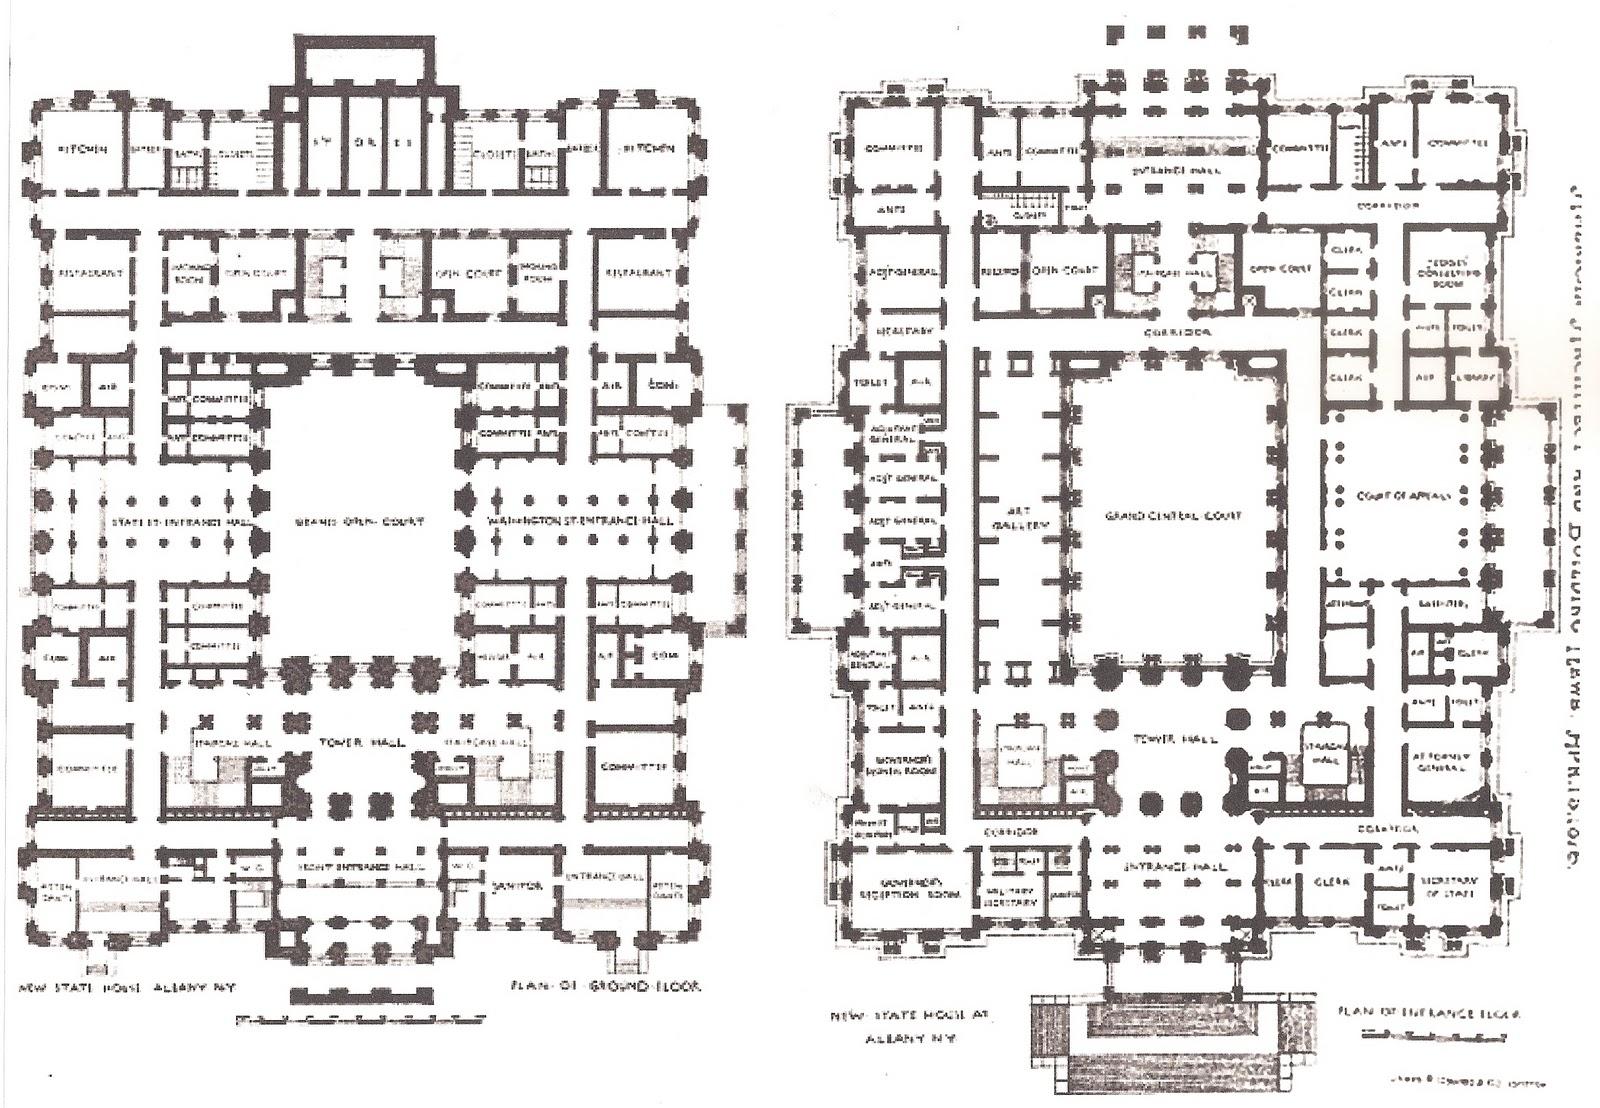 StevenWarRan Floor Plans